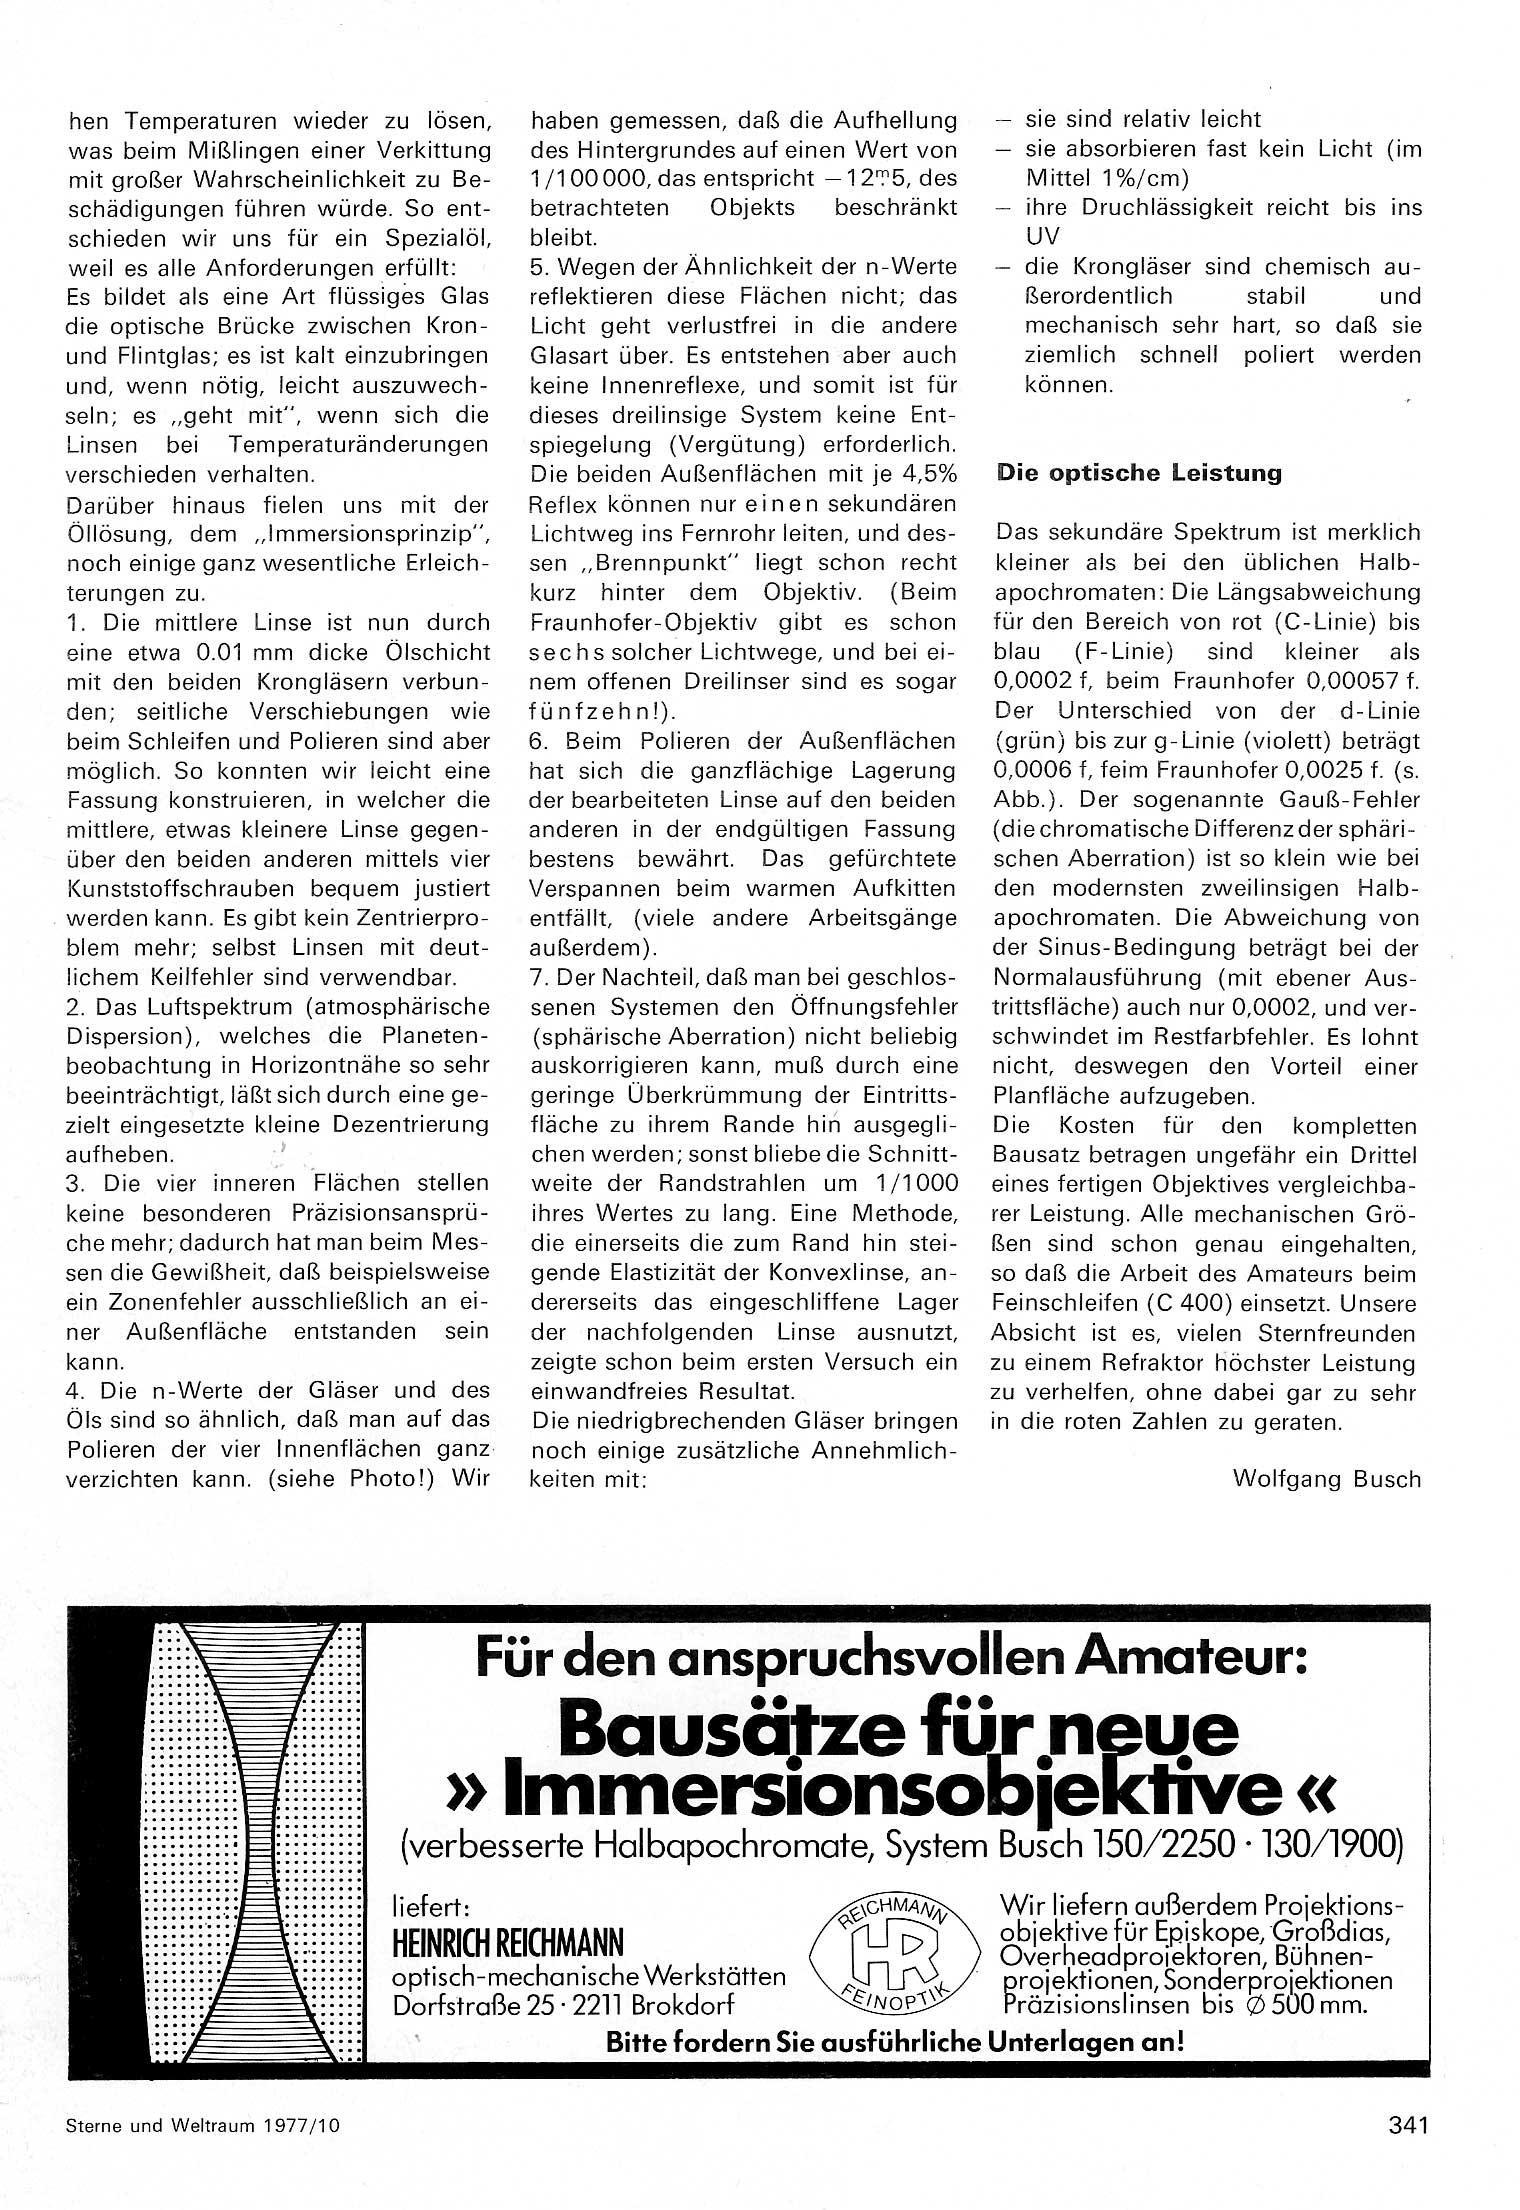 astro foren A009 RC Wert bei Lichtenknecker 23 August 2006